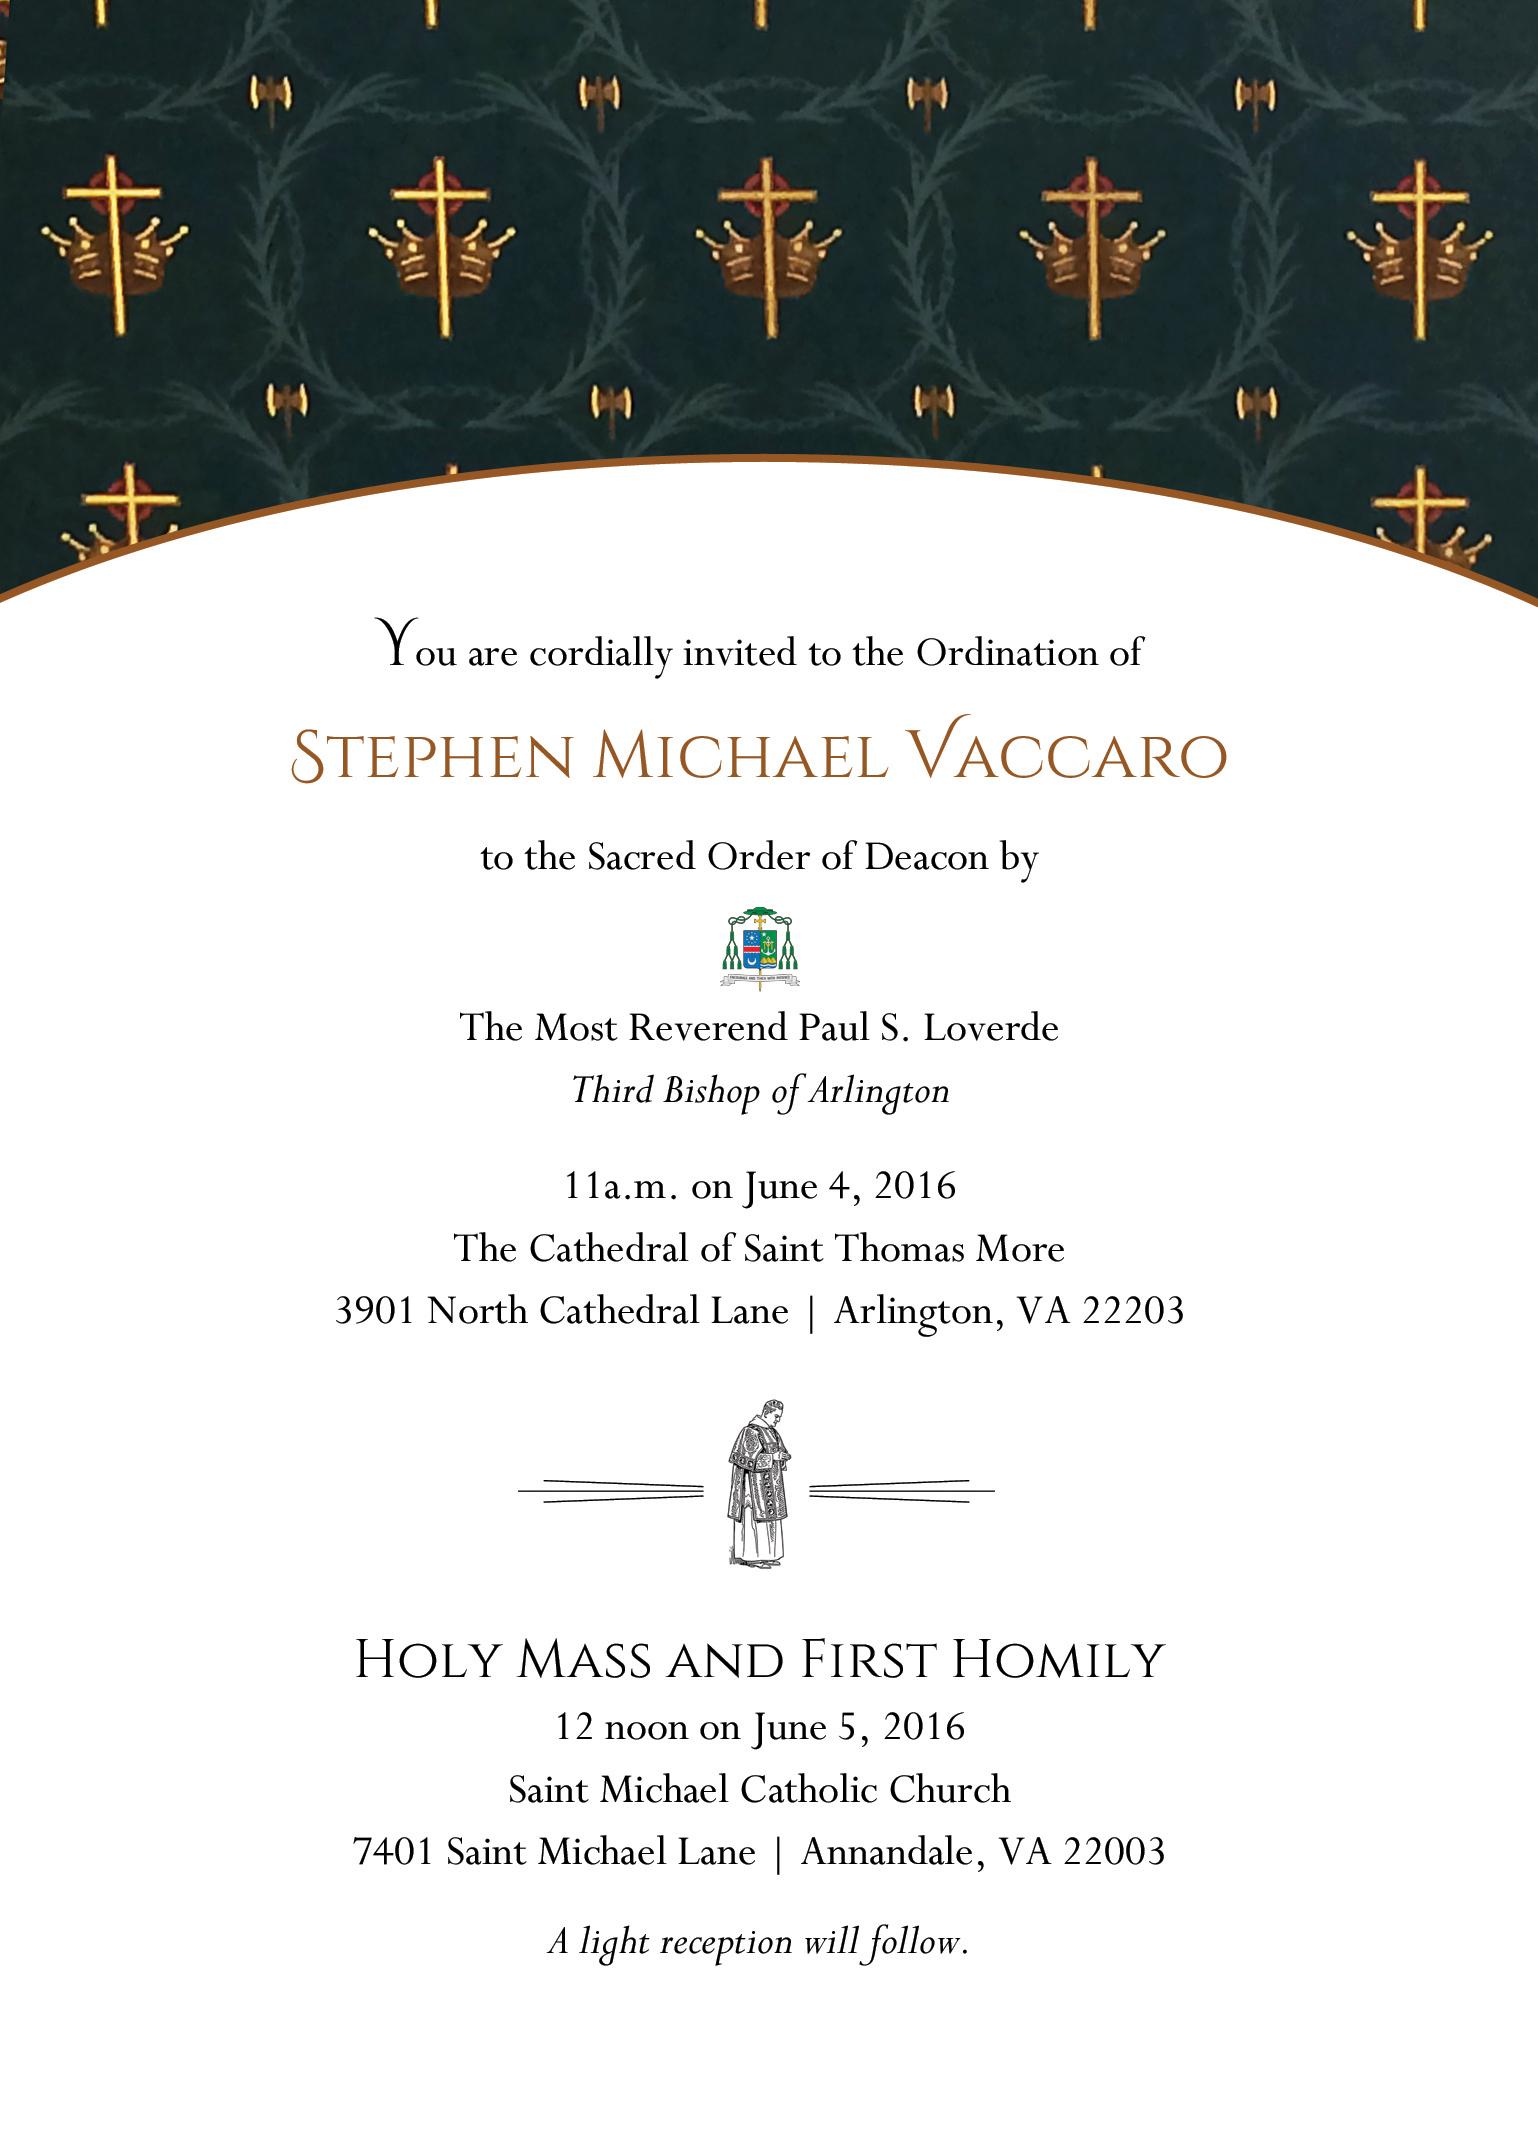 5x7_postcard_Vaccaro_Deacon_Invite.jpg